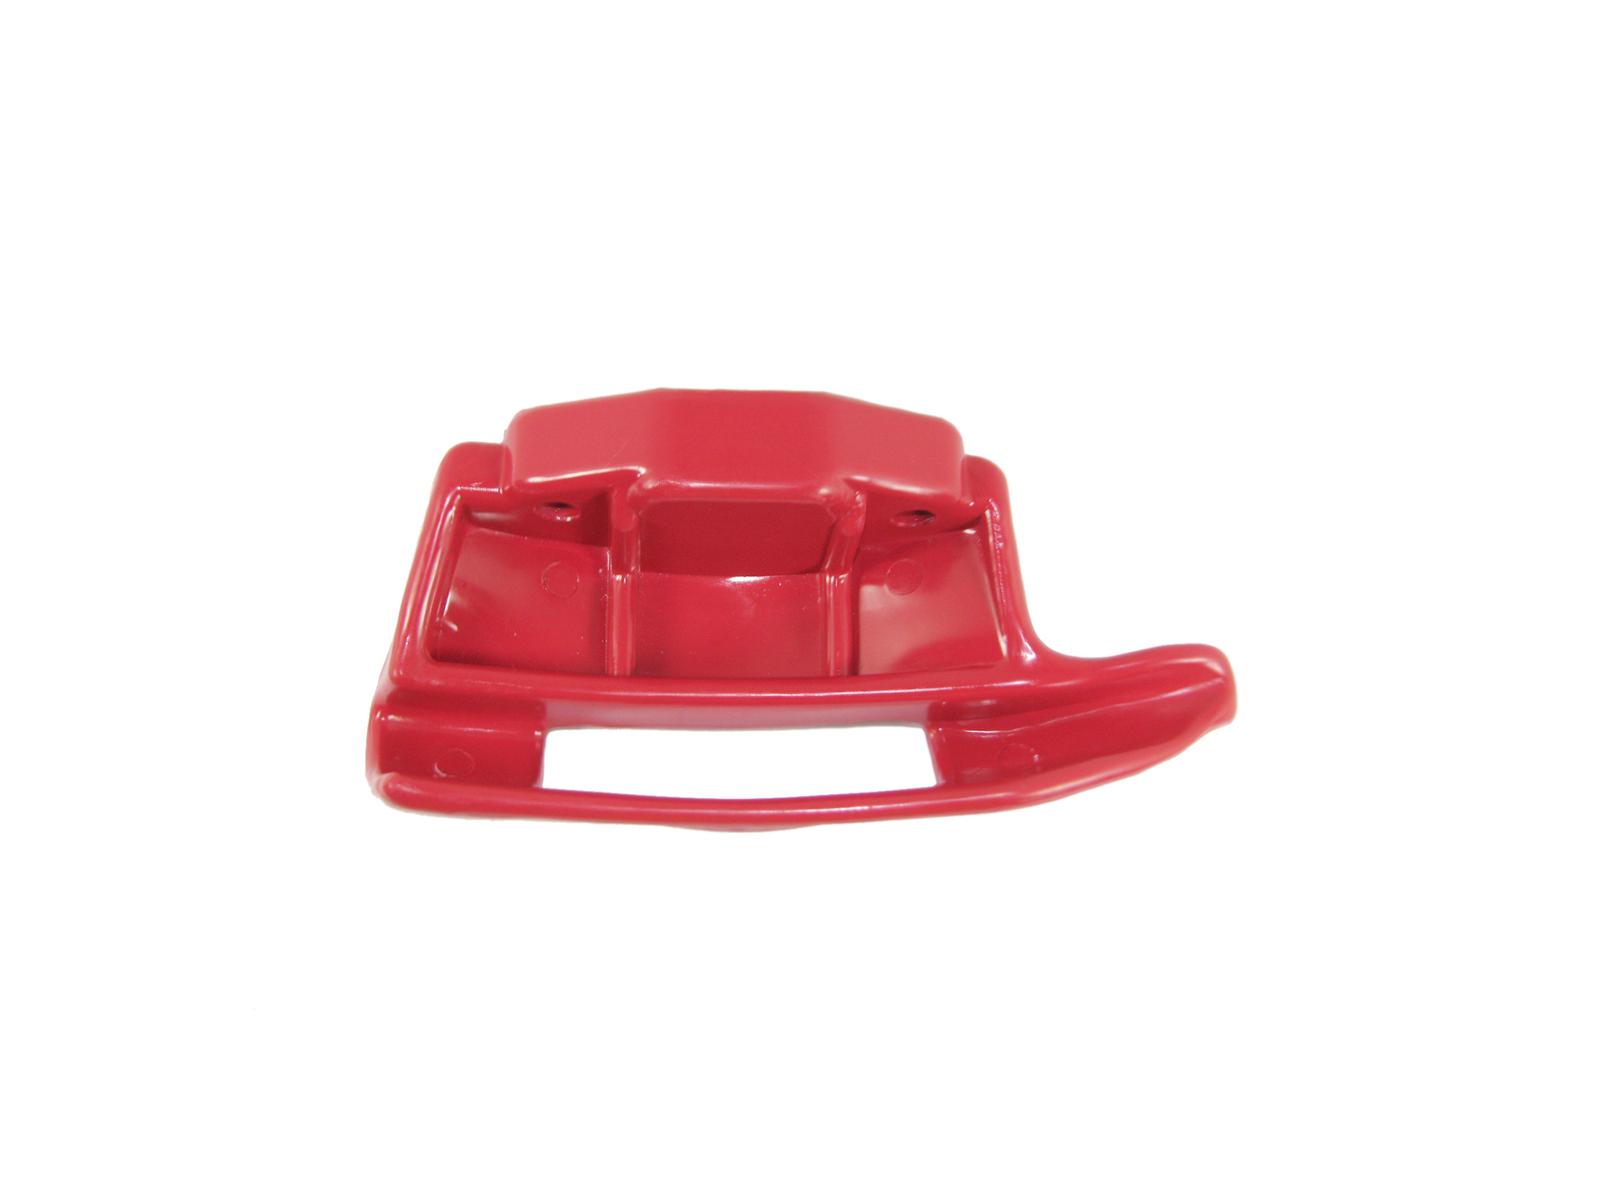 Zouvací hlava plast, pro zouvačky pneumatik, univerzální, červená